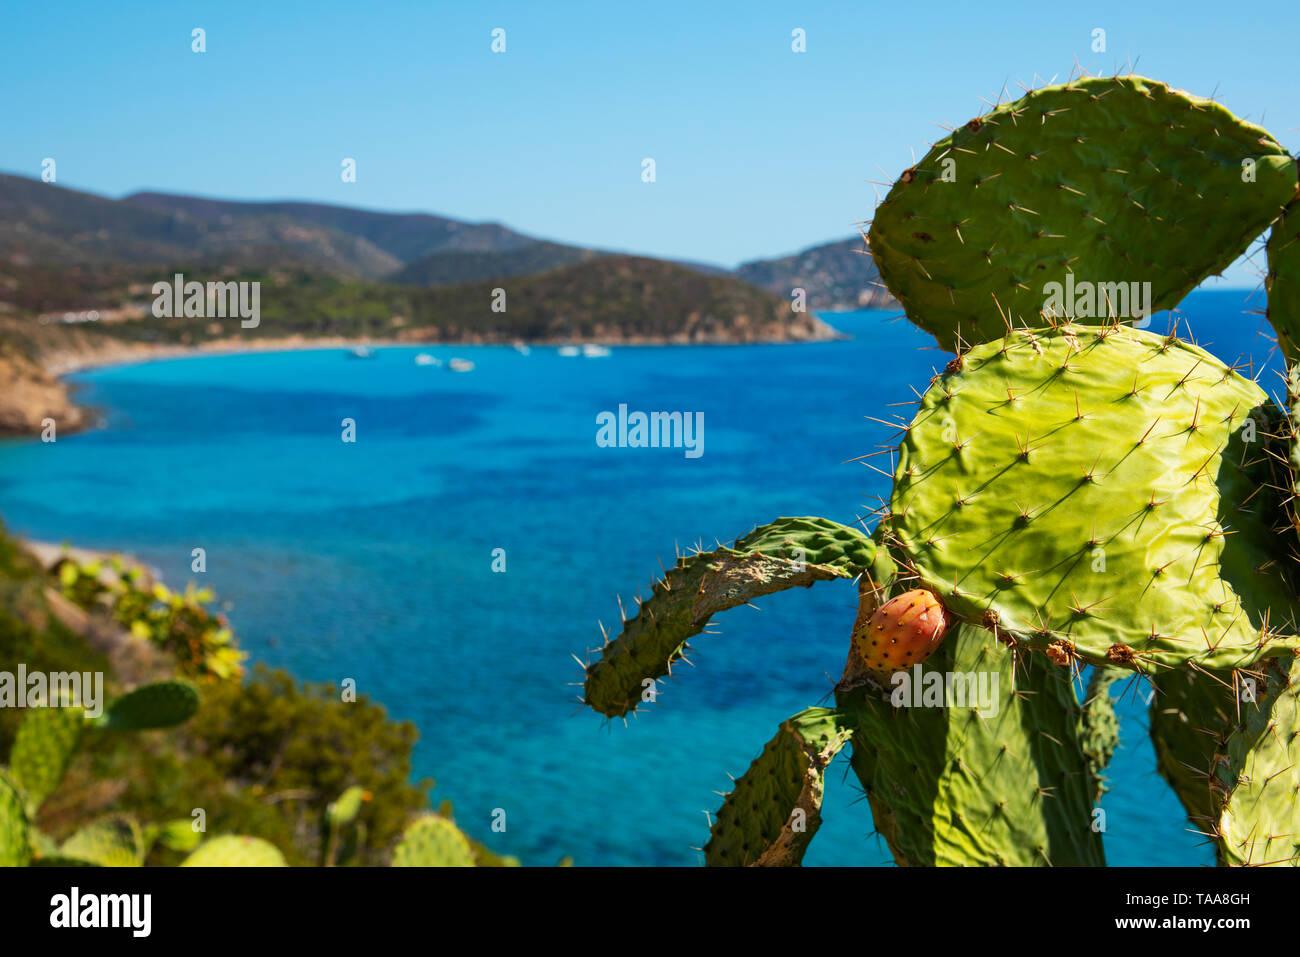 Une vue panoramique sur la Spiaggia di Mari Pintau et sur la mer Méditerranée en Sardaigne, Italie, avec un cactus dans l'avant-plan Photo Stock